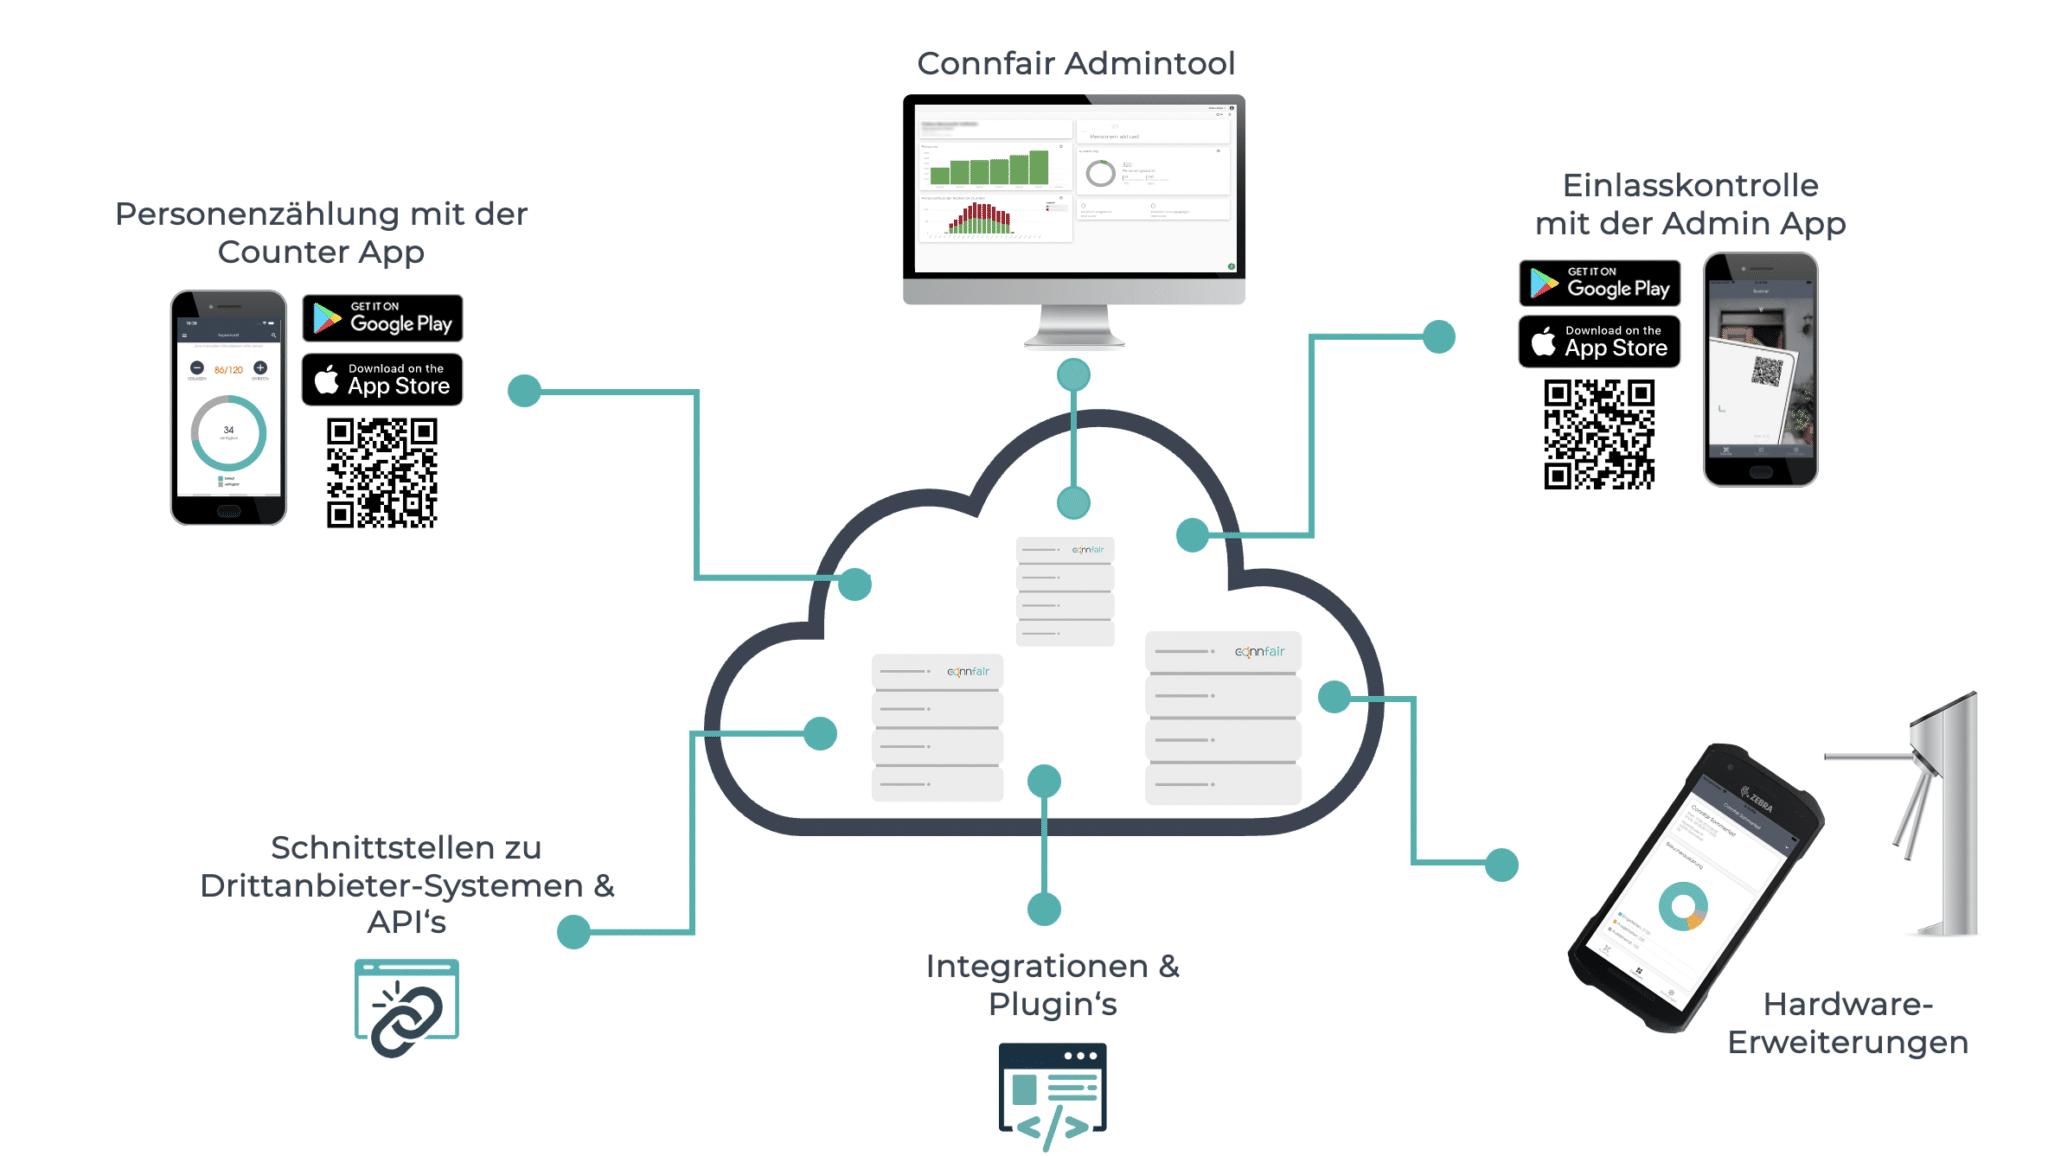 Eine Wolke symbolisiert das Cloud-System, über die alle digitalen Lösungen von Connfair für die Eventbranche zentral gesteuert werden. Zu den Lösungen zählen unter anderem die Personenzählung mit einer Zähl App, die Einlasskontrolle mit einer Scan App um Tickets zu scannen, ein Drehkreuz, Ticketing und Schnittstellen zu Drittanbietern und APIs.